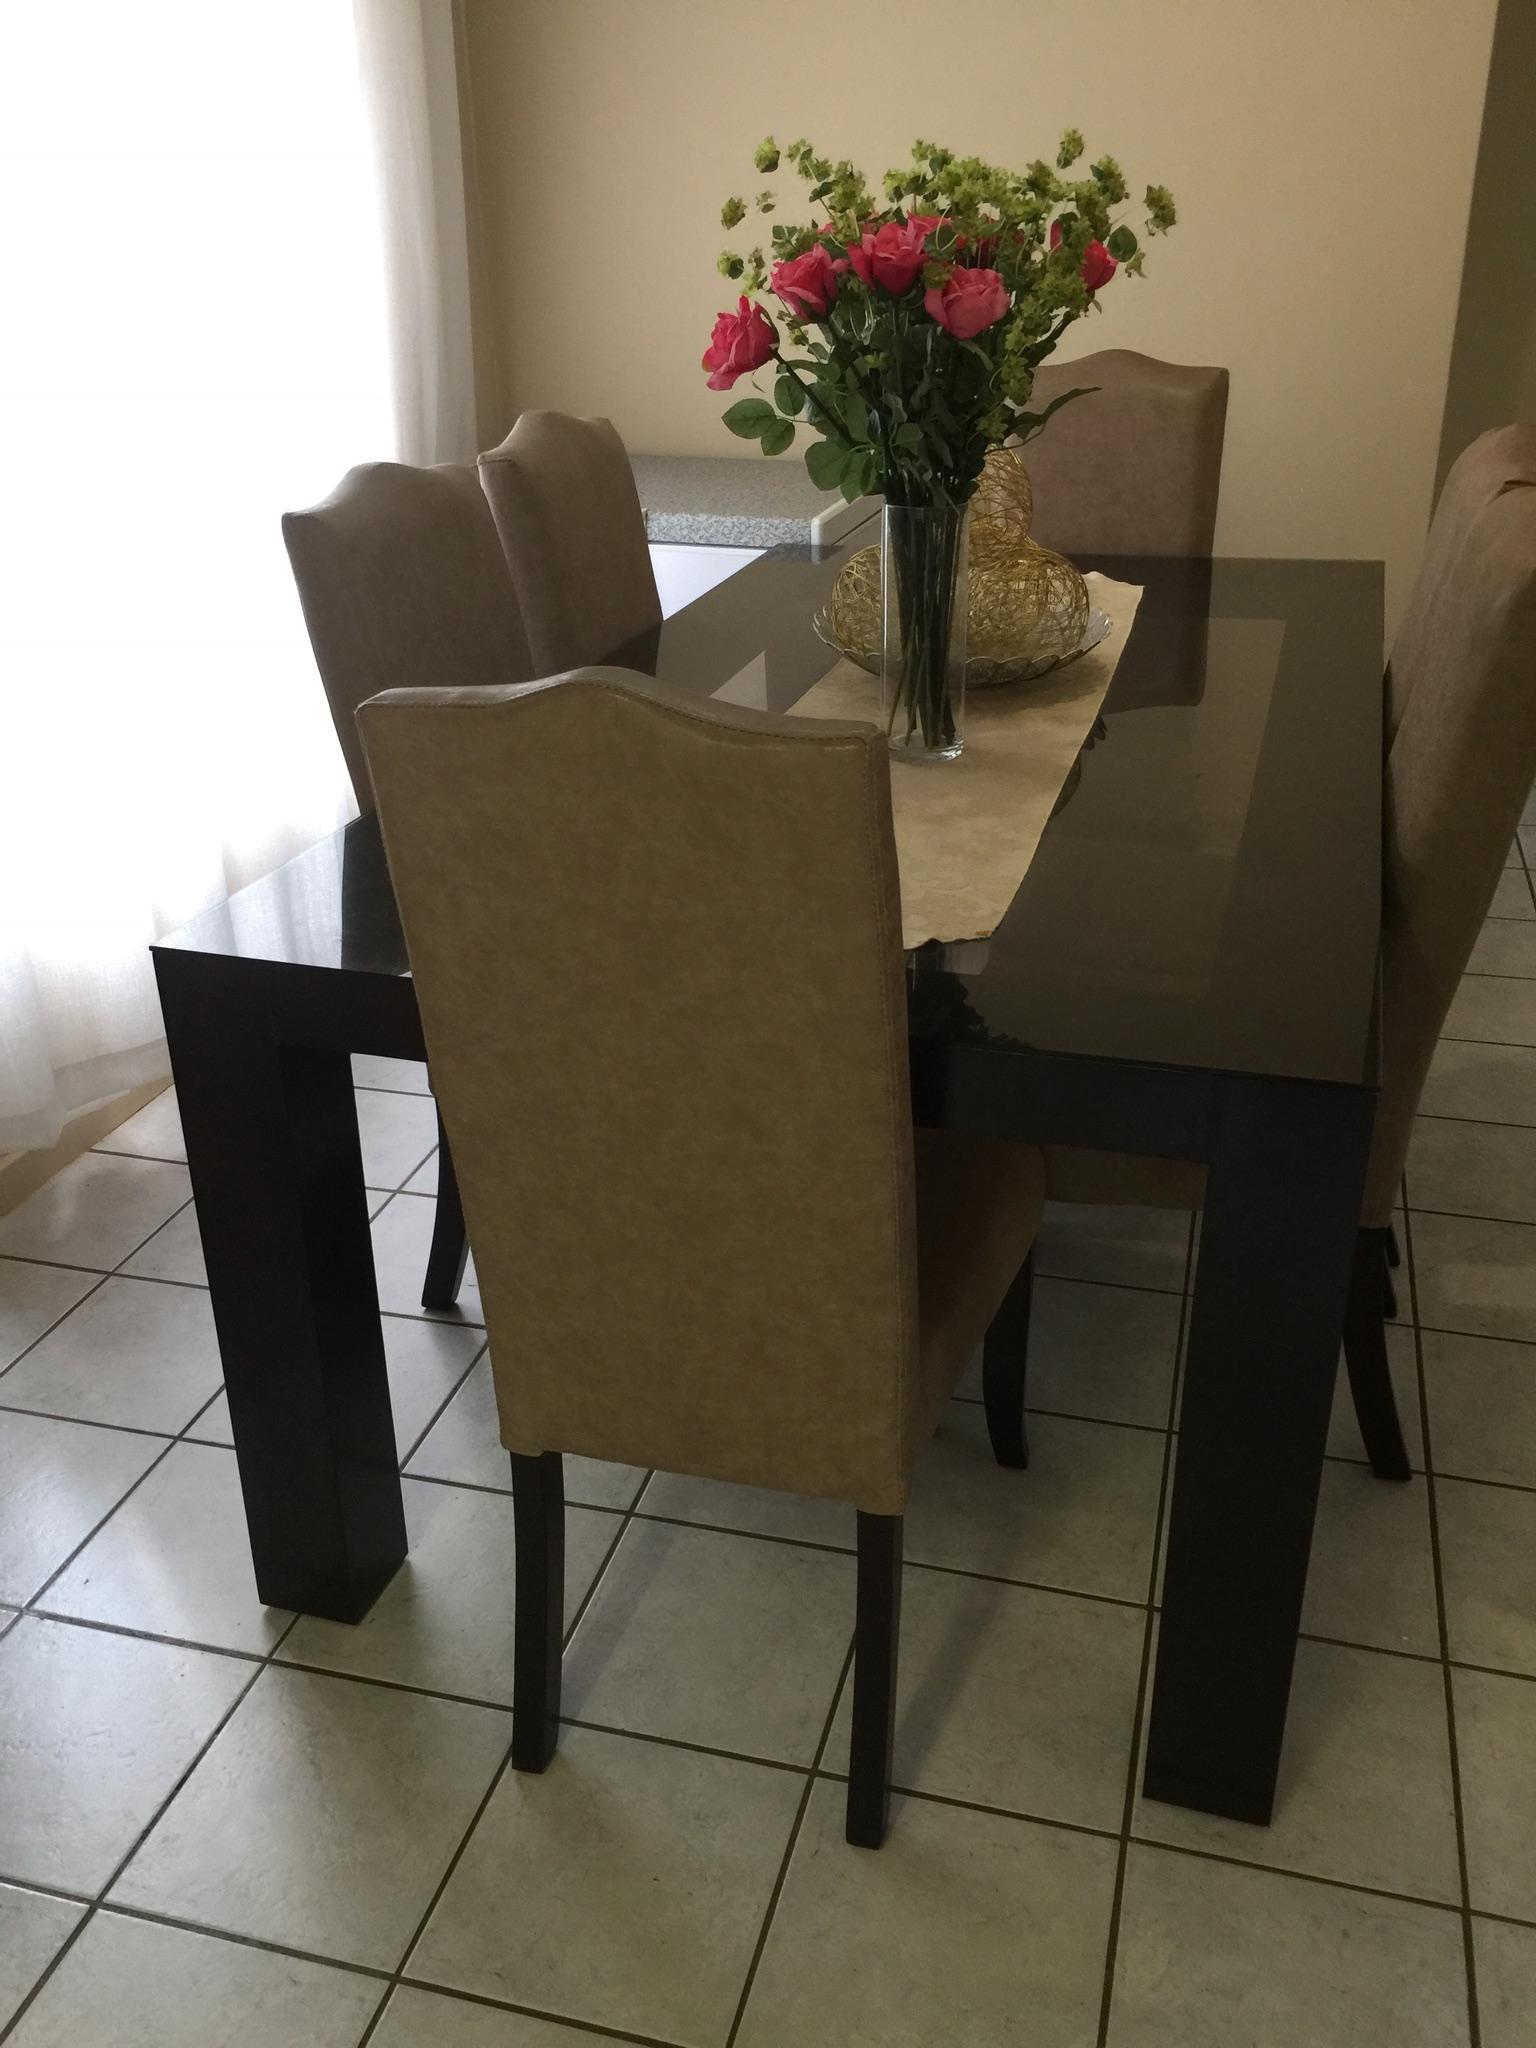 Furnitures(Dinning Room Set) For Sale @ affordable price